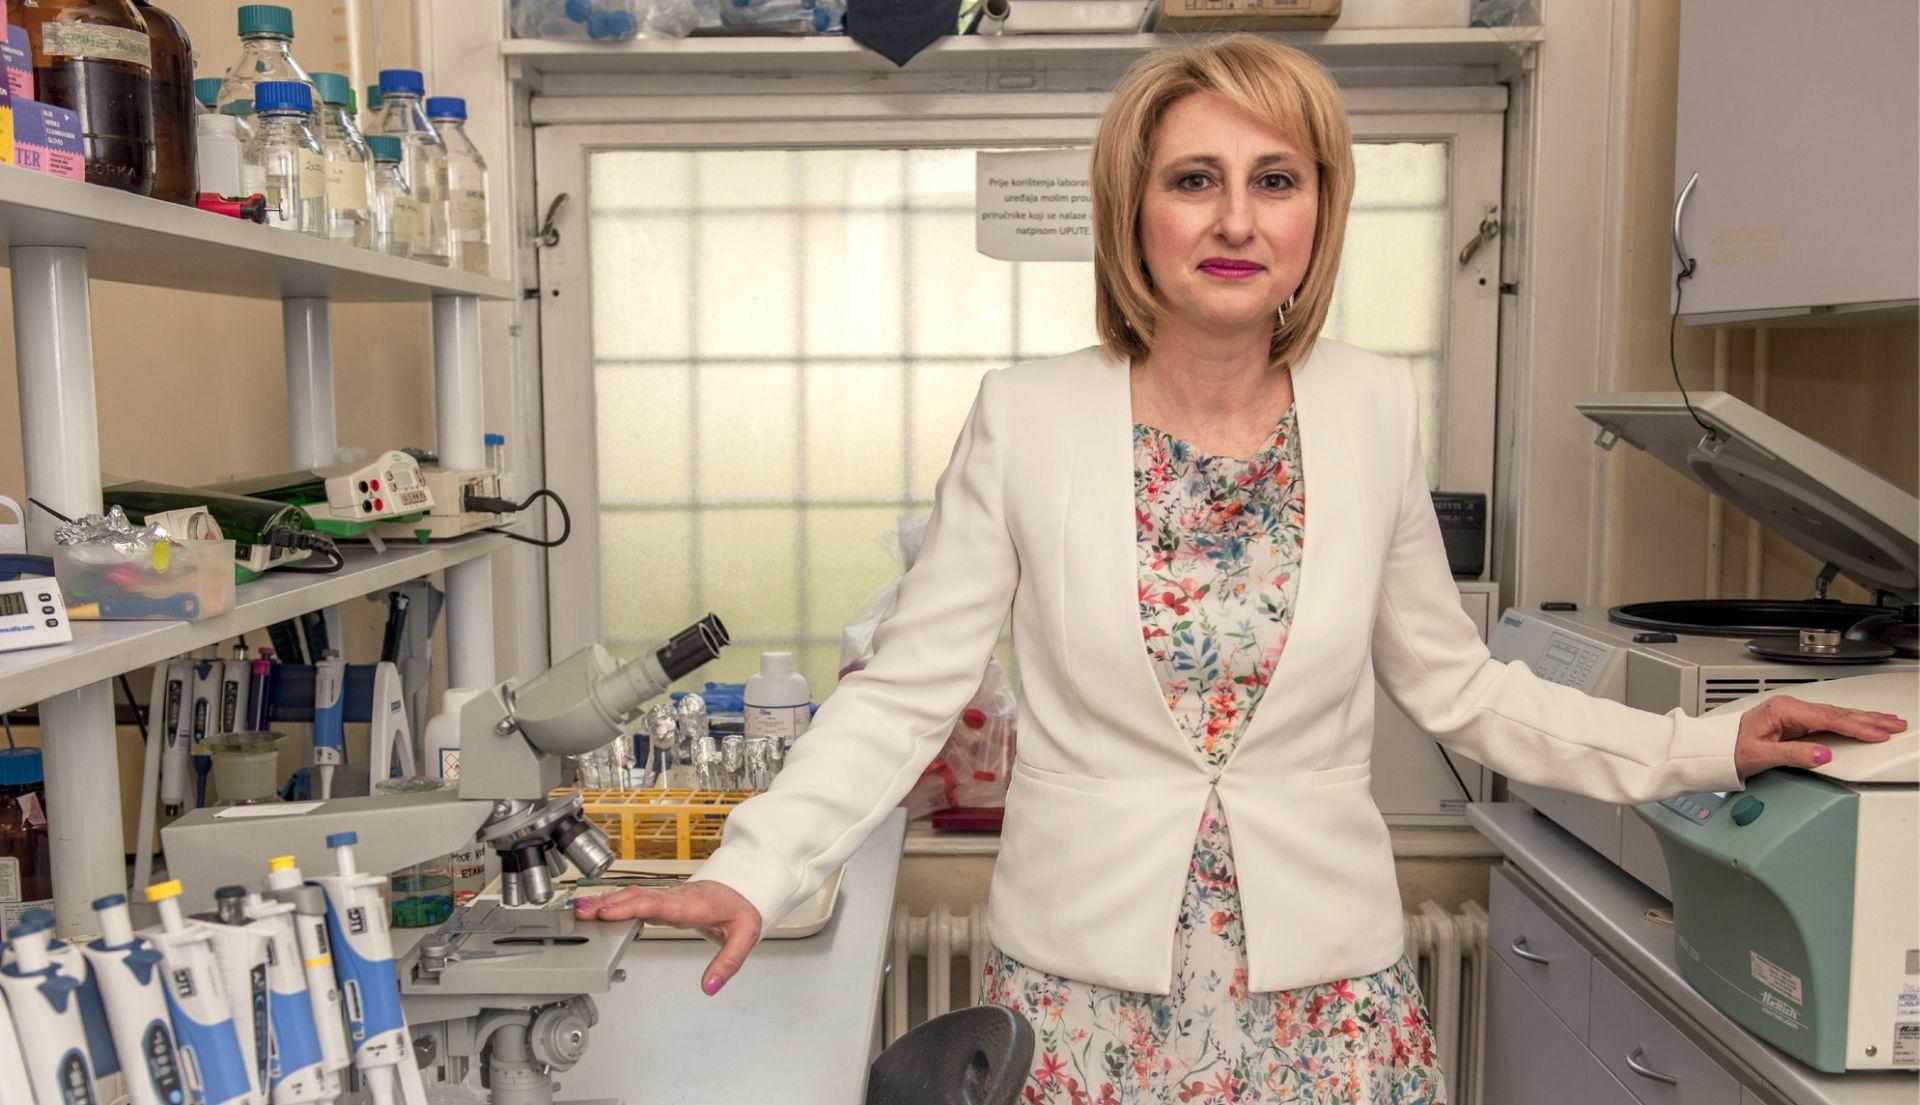 DOSSIER Zašto bez ulaganja u znanost Hrvatska ugrožava svoju budućnost